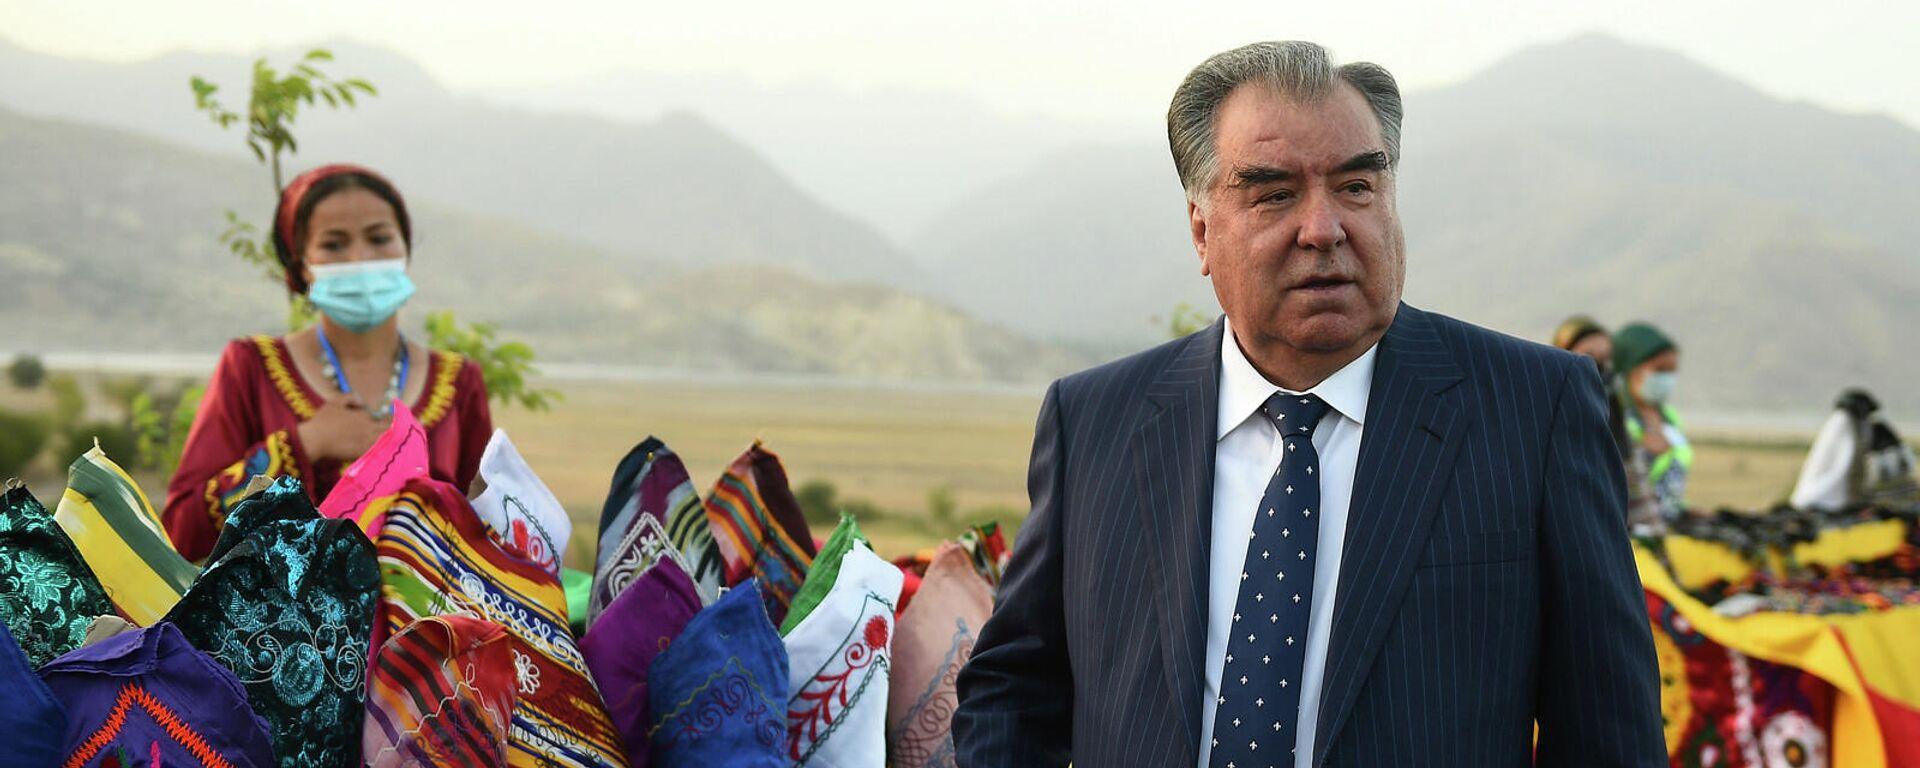 Президент Таджикистана Эмомали Рахмон во время рабочей поездки по регионам Таджикистана  - Sputnik Тоҷикистон, 1920, 03.10.2021